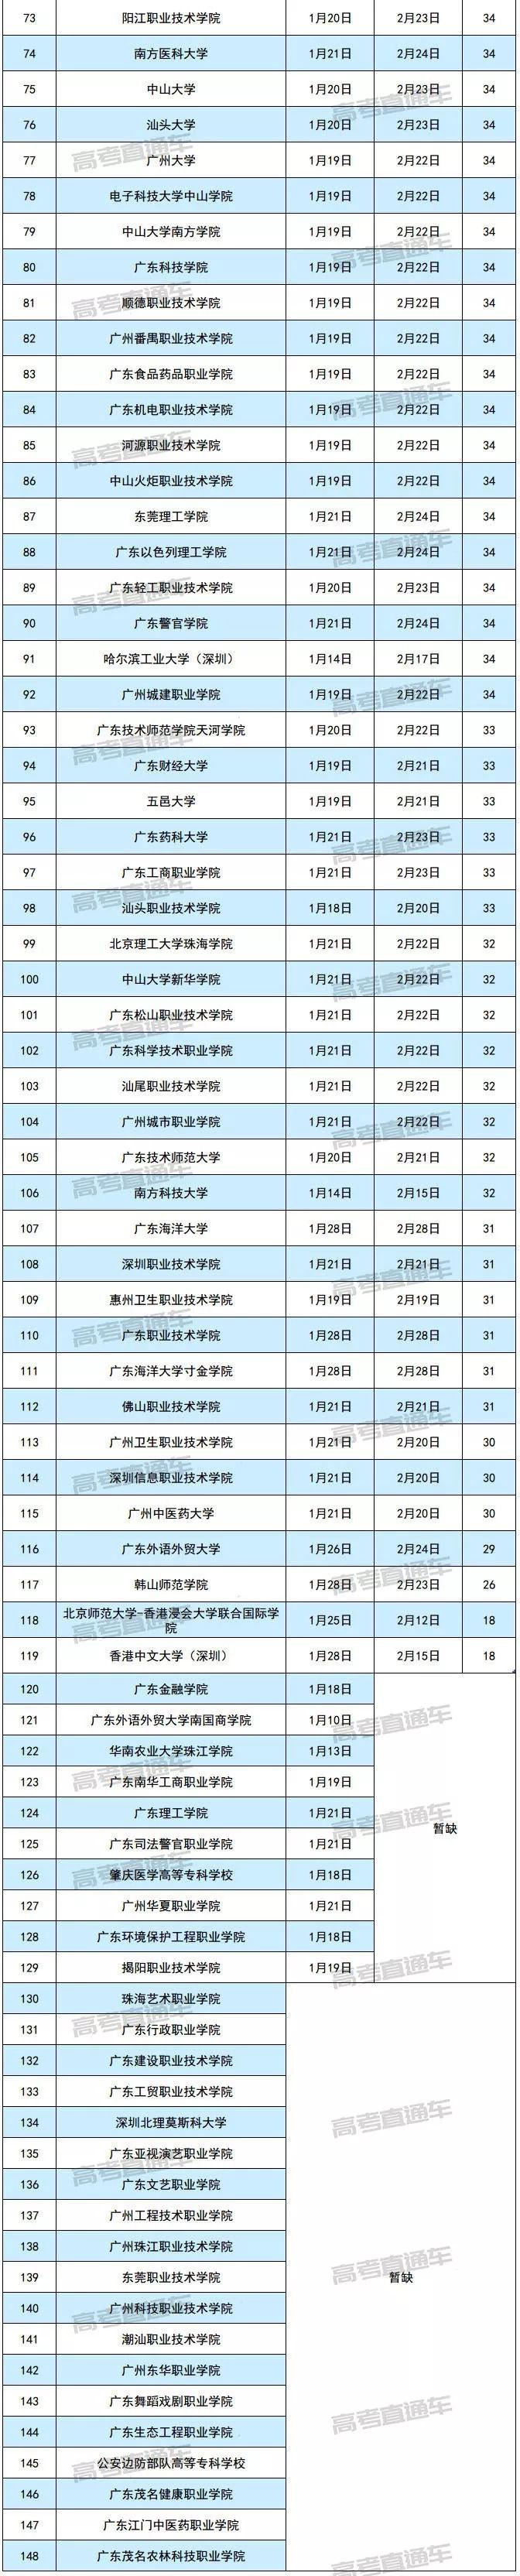 2019廣東各大學寒假放假時間安排